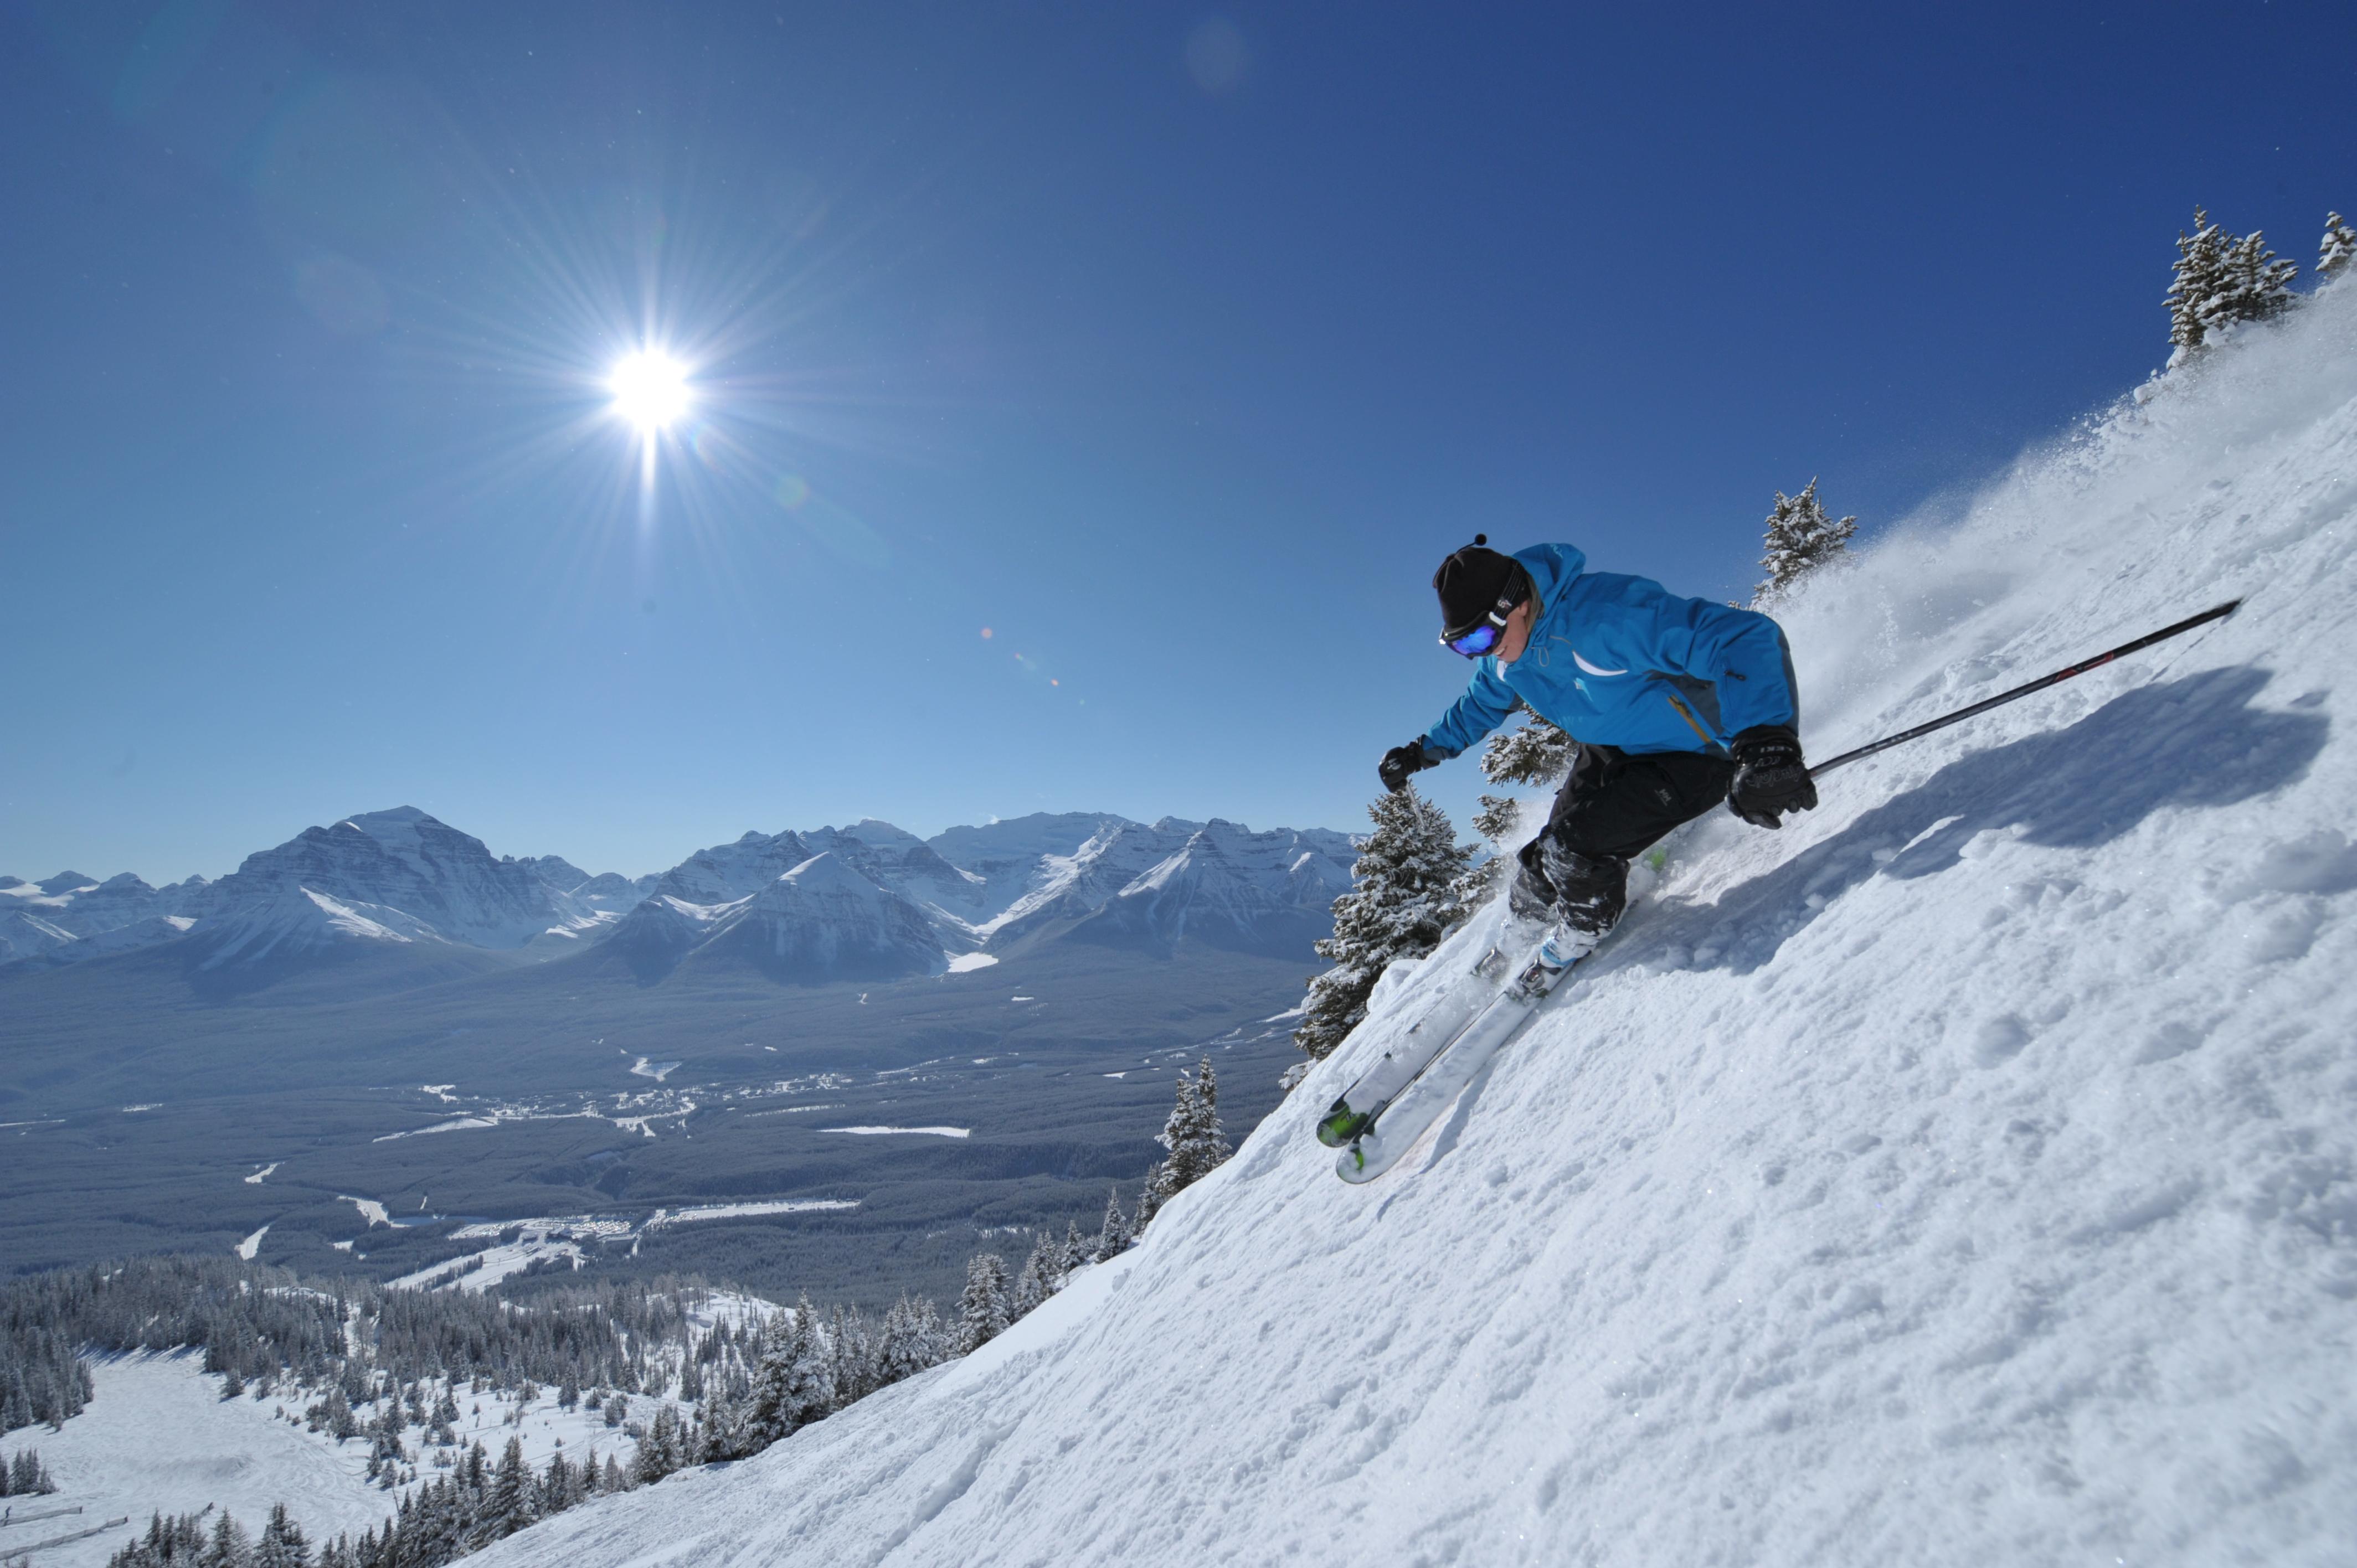 Skiing at Lake Louise, Banff, Alberta.